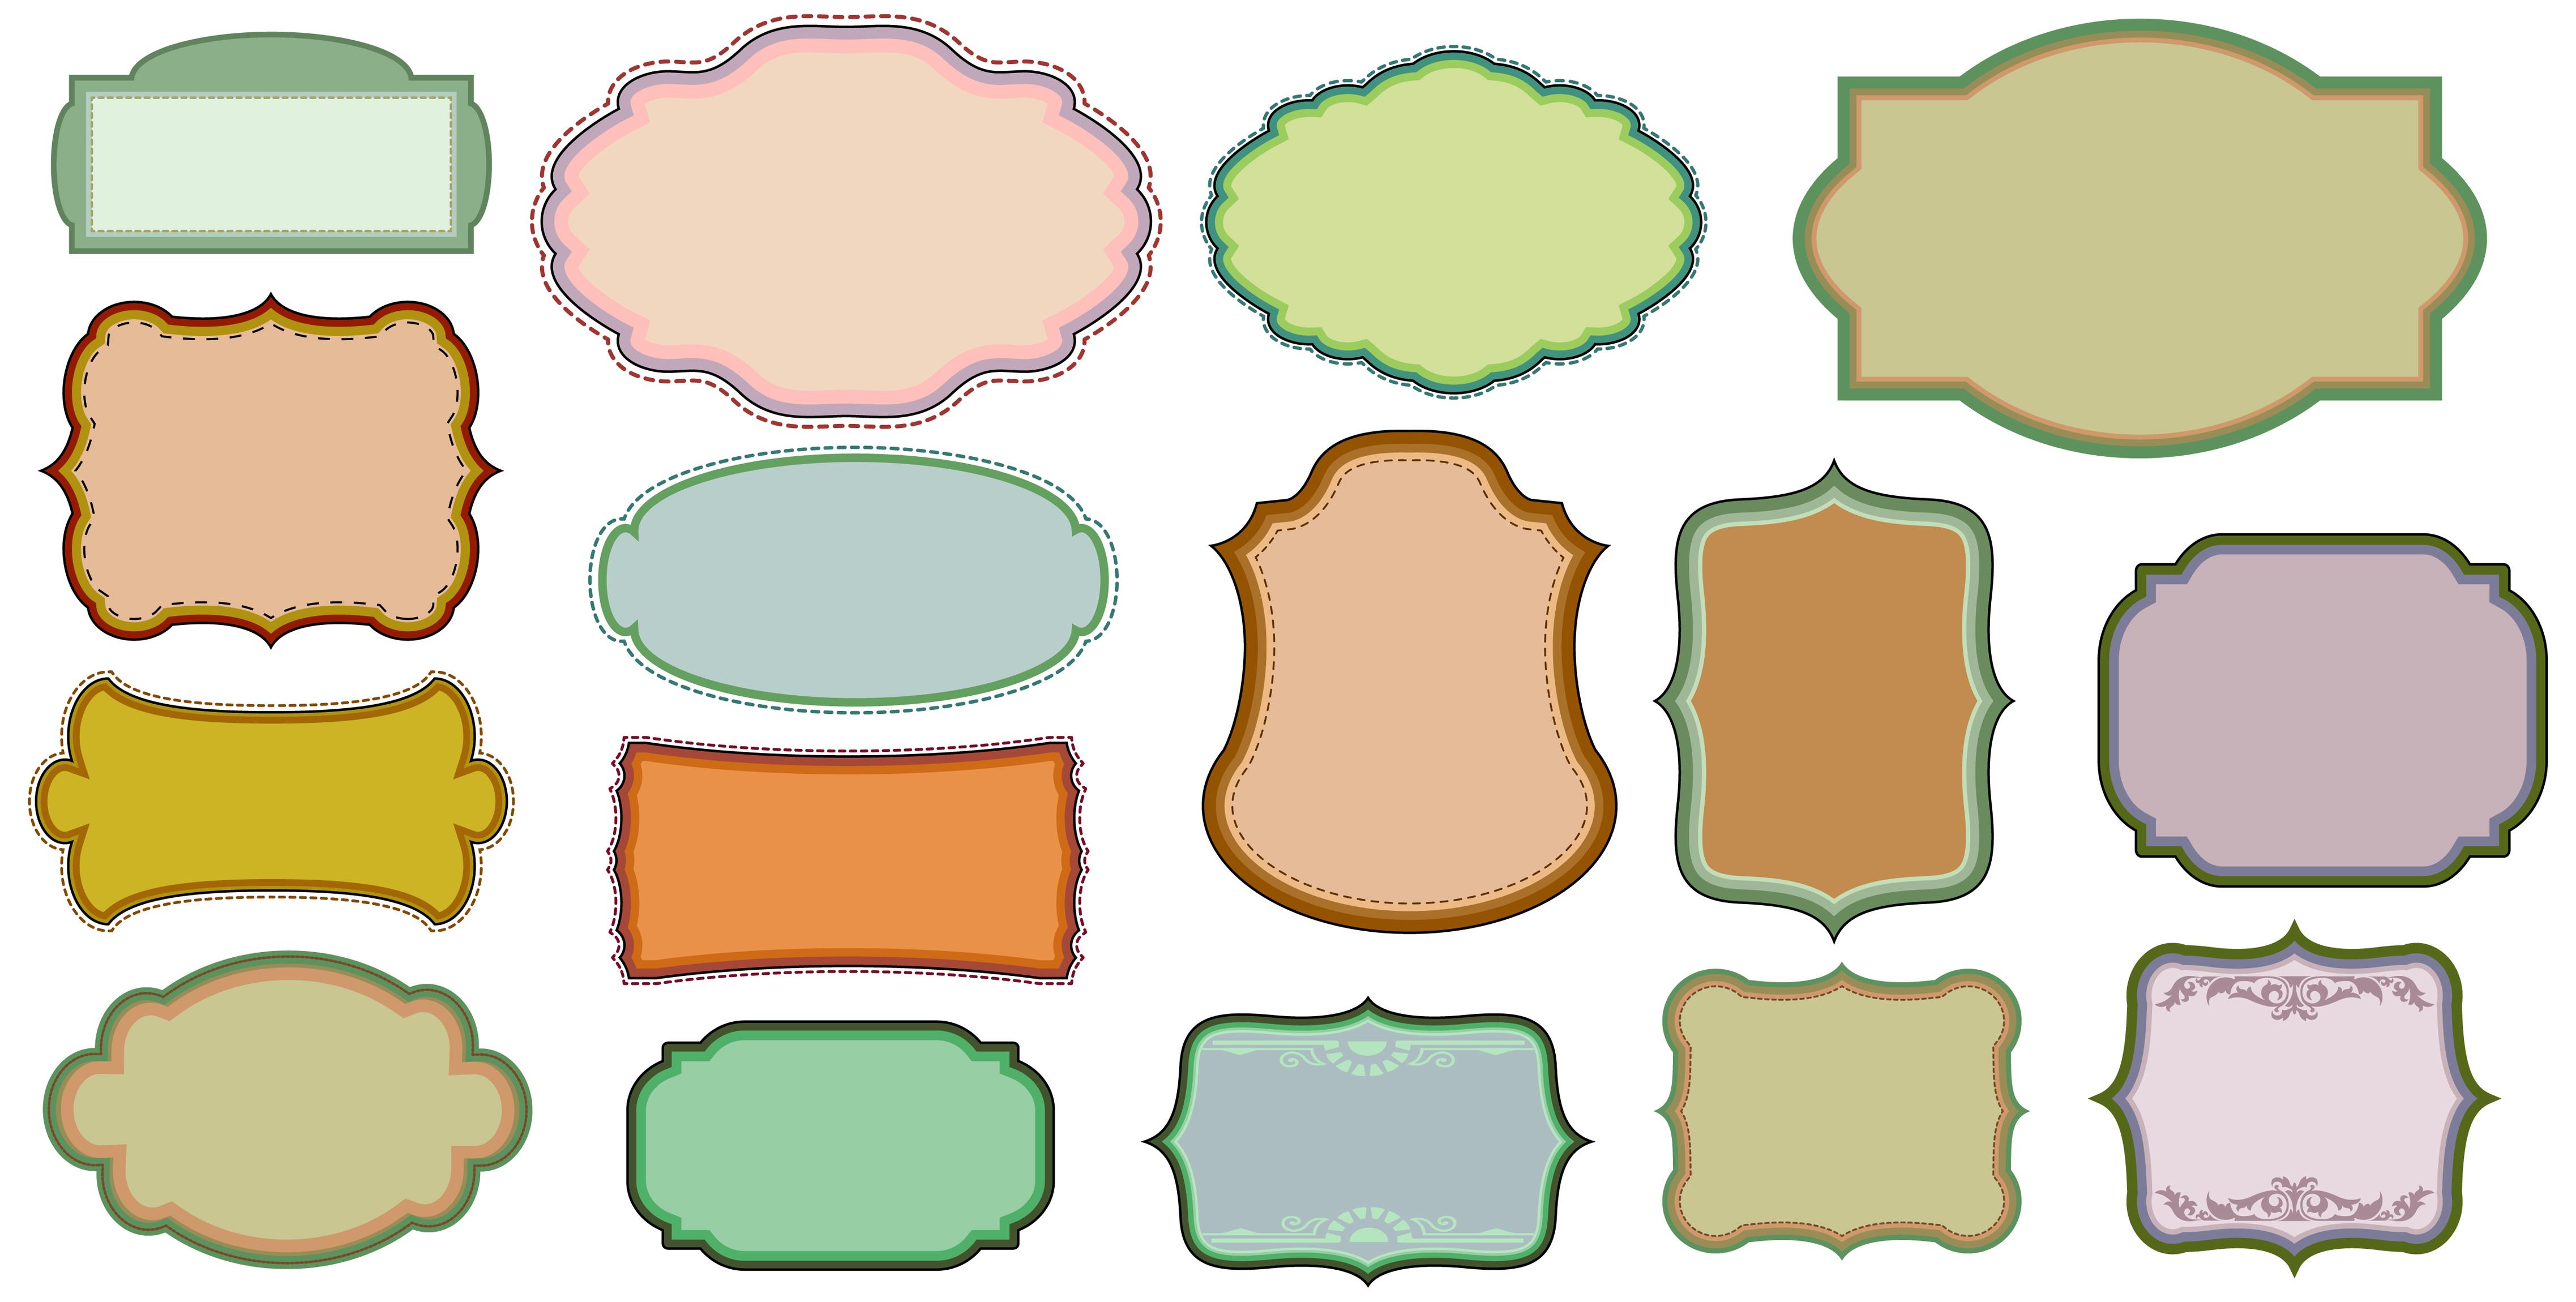 4550x2300 Free Vintage Design Frame Vector Elements